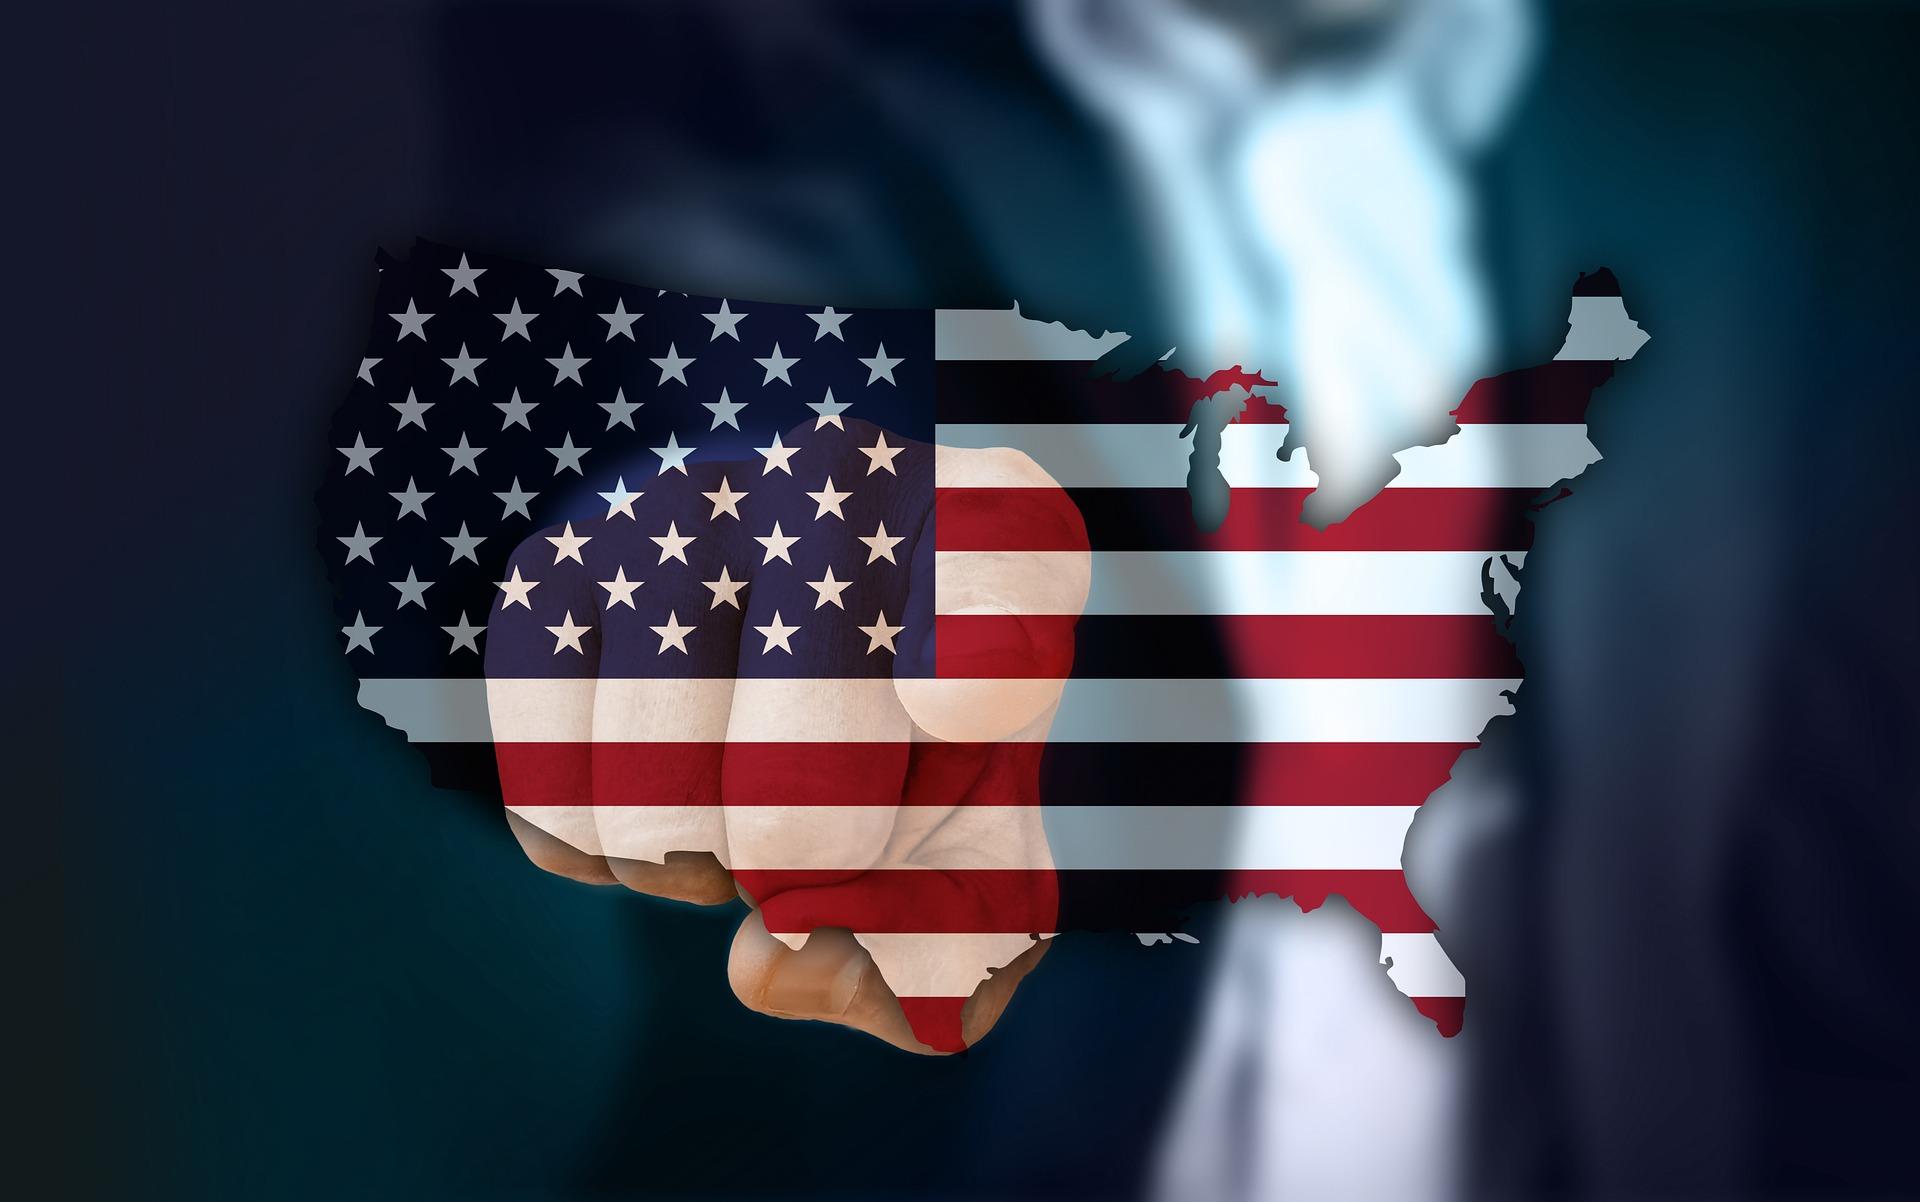 Худшая за 40 лет: экс-министр оценил экономическую политику США